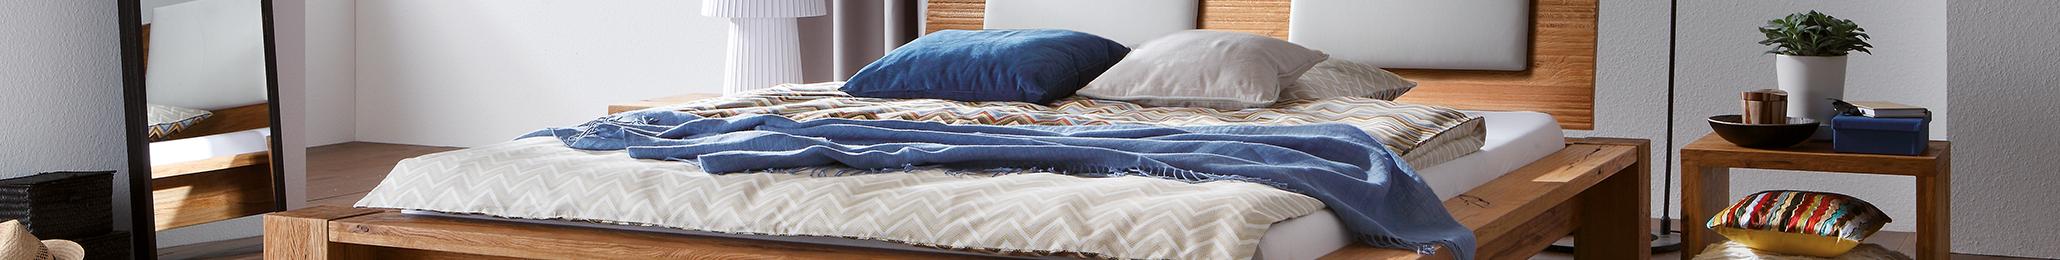 Schlafsystem - Matratze und Kissen haben ein großes Gewicht - Matratzen kaufen Thüringen